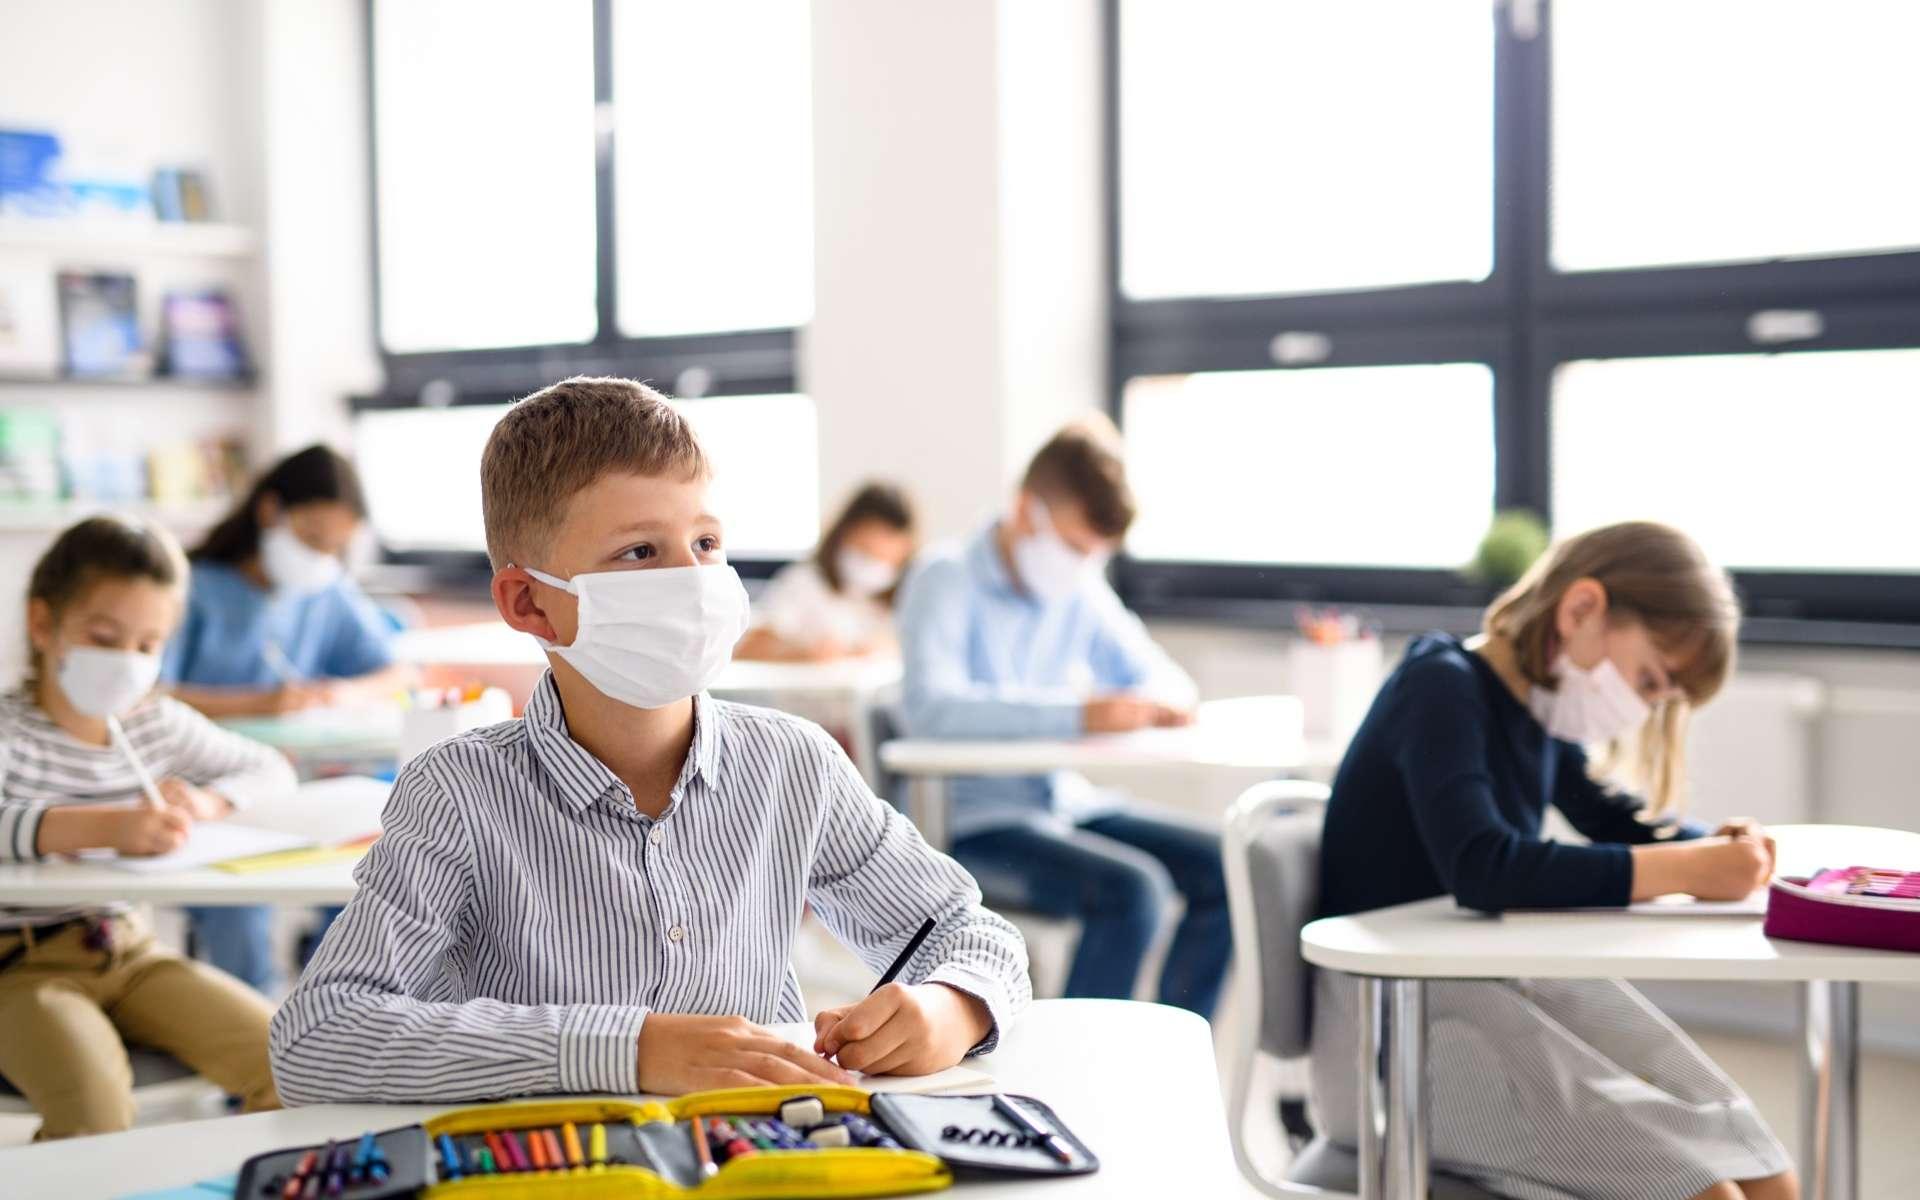 La fermeture des écoles pourrait être à l'origine de perte en matière de gains d'apprentissage. © Halpoint, AdobeStock